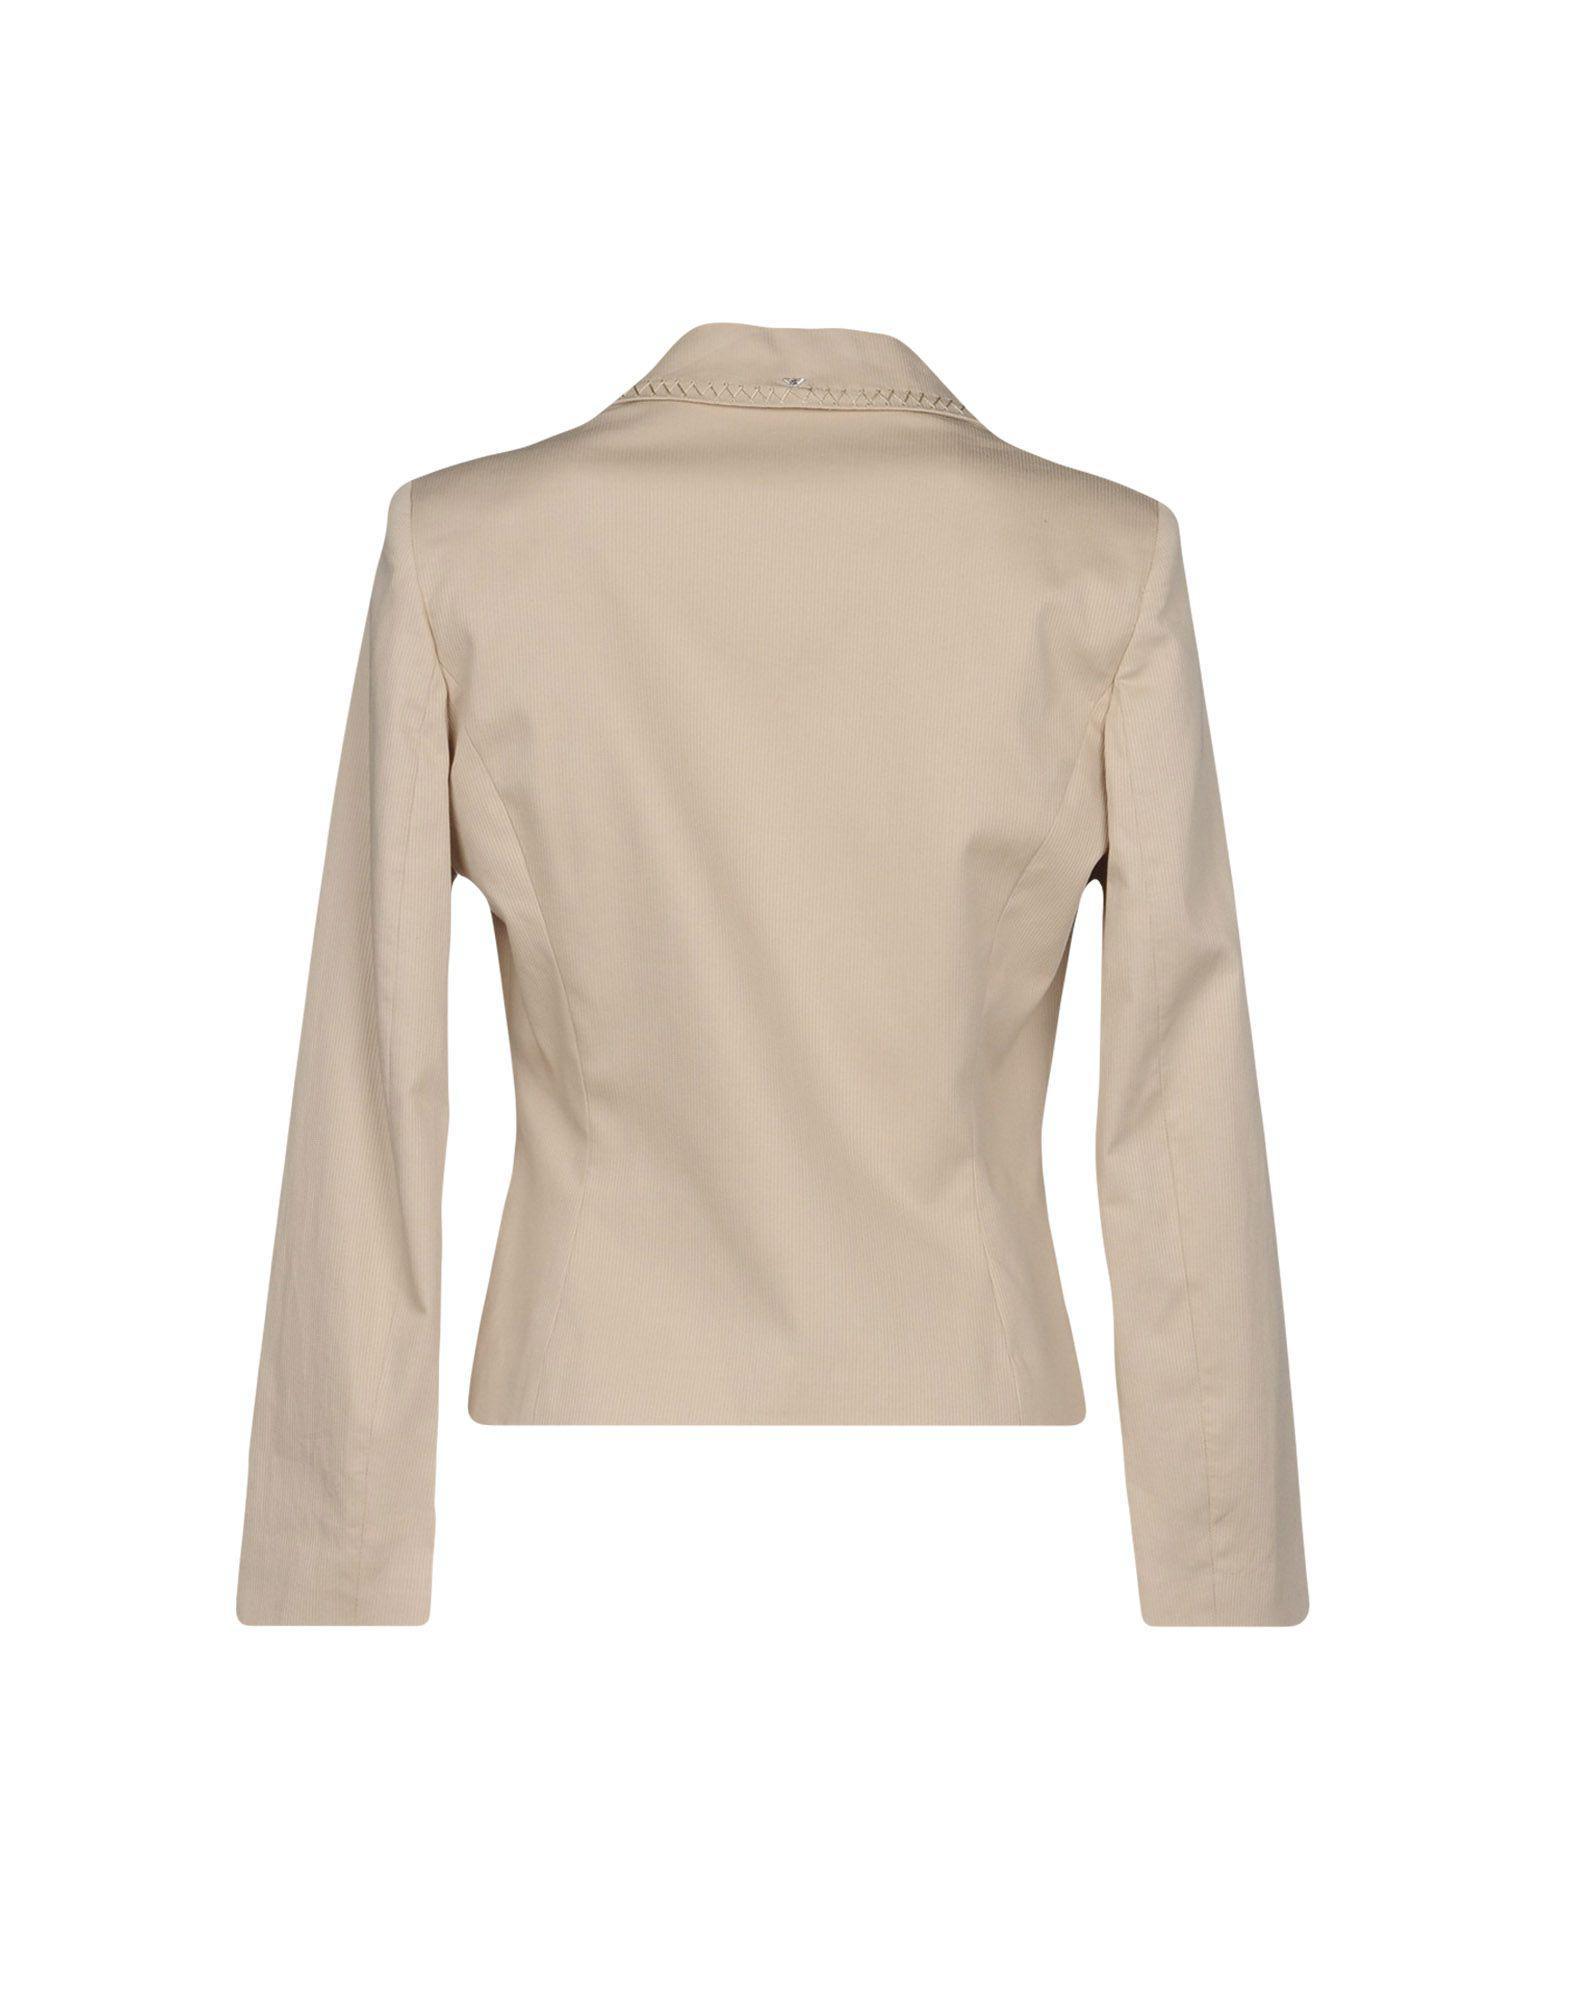 8b21fecf534 Lyst - Veste Armani Jeans en coloris Neutre